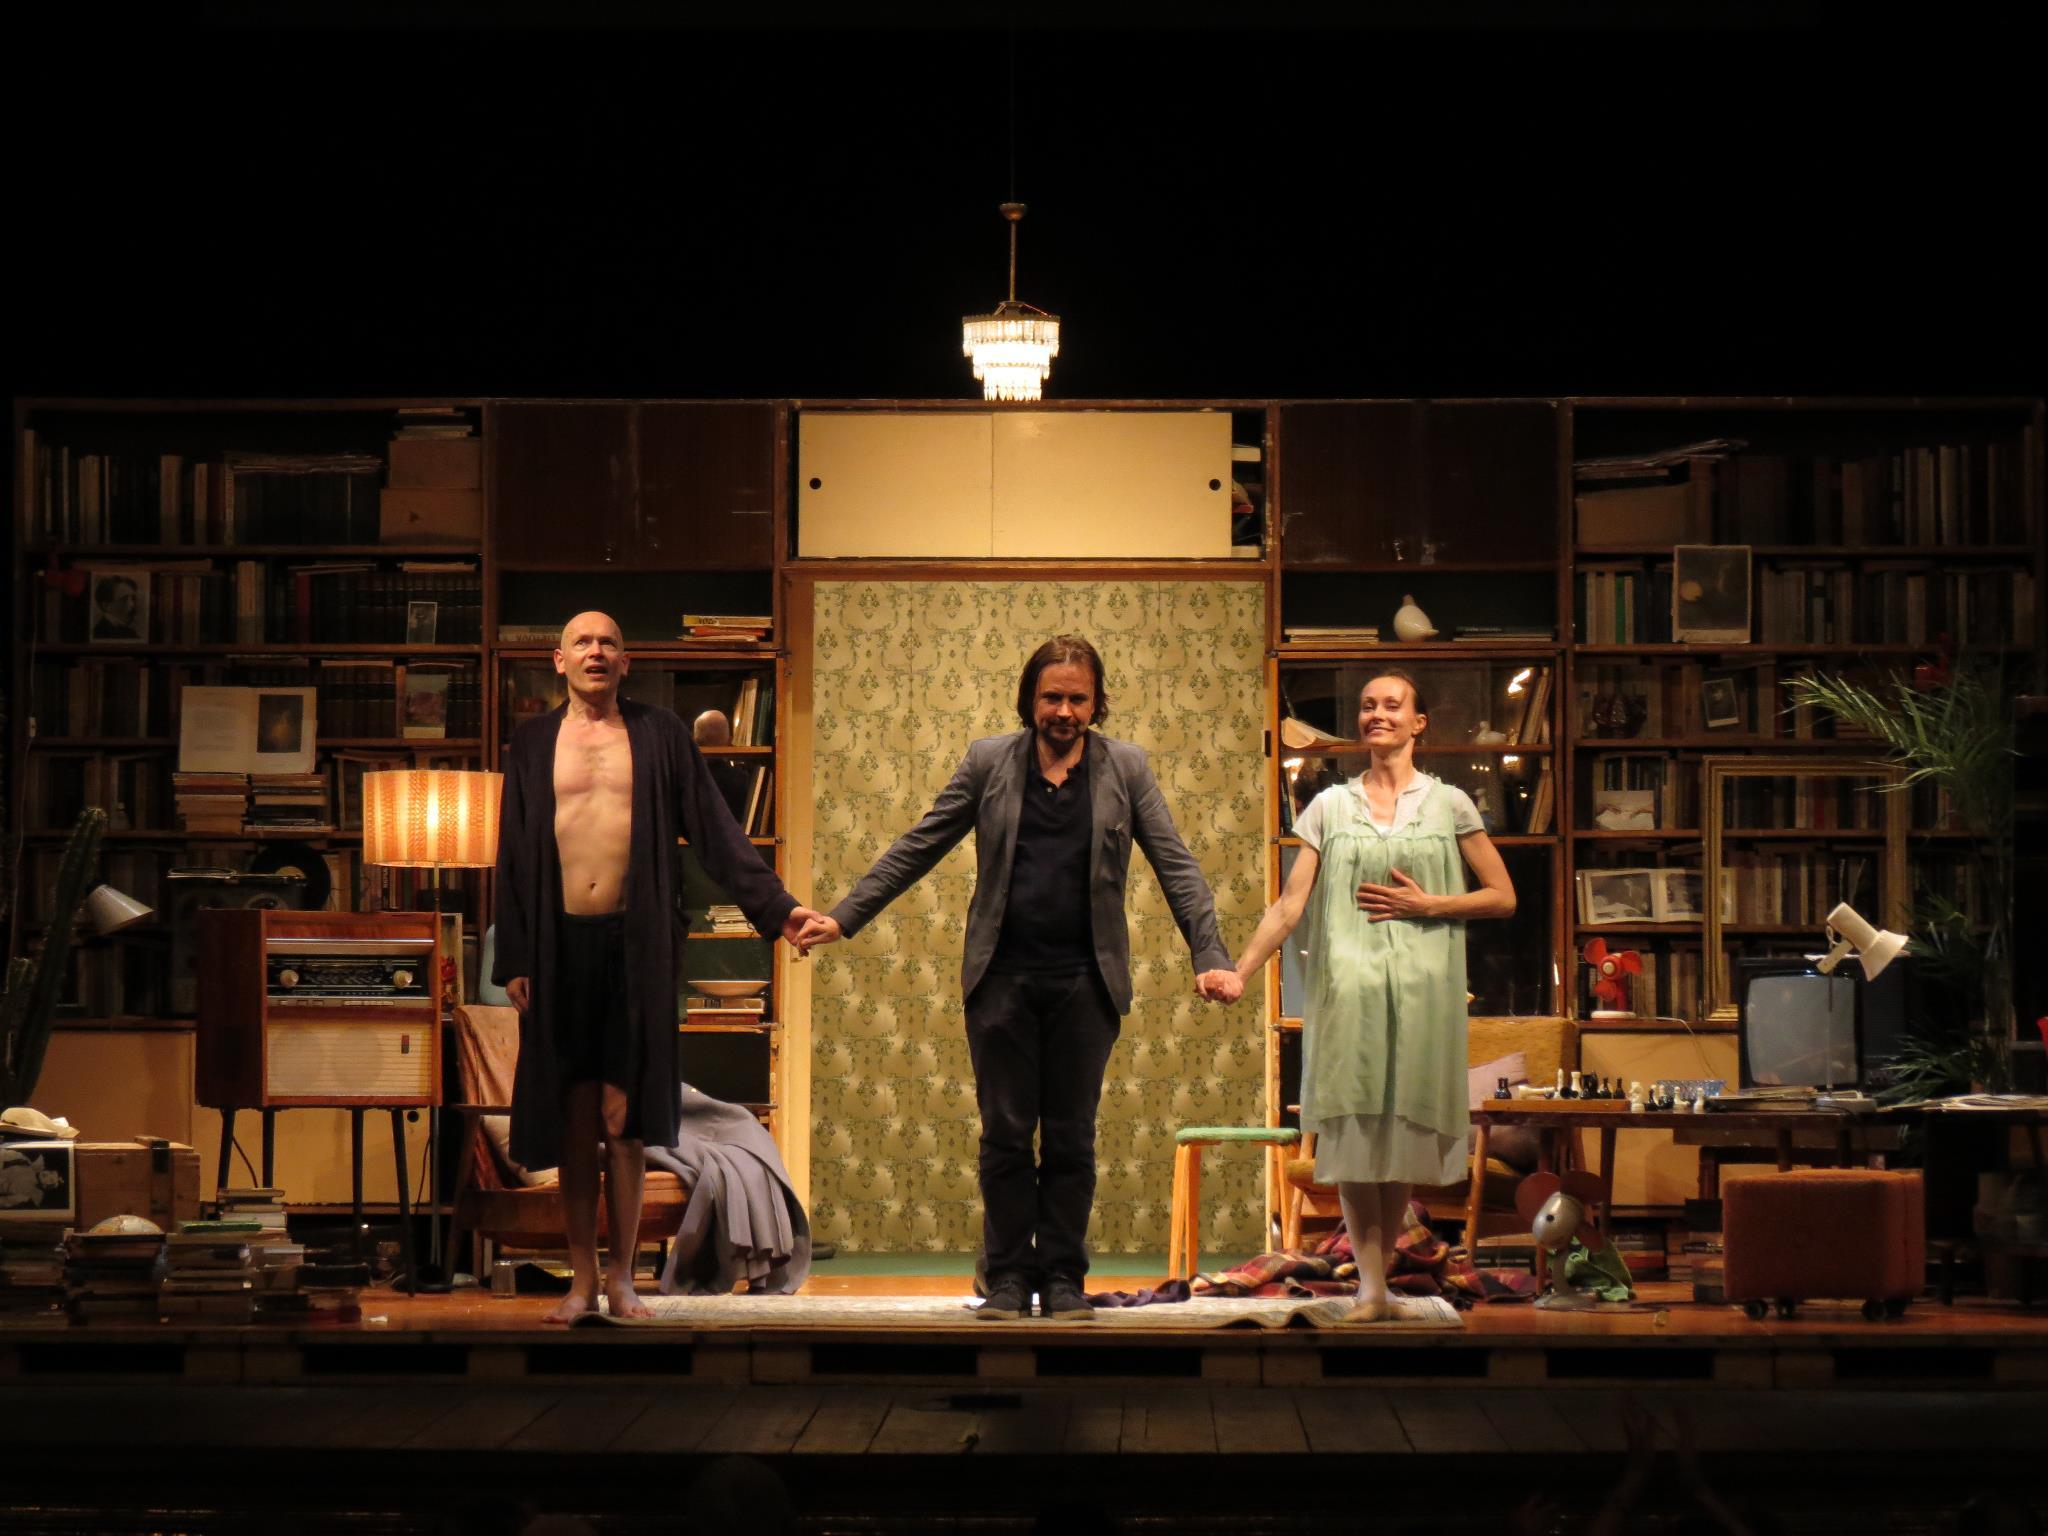 O.Koršunovo teatro klajonės Italijoje: kūrybinės dirbtuvės, publikos simpatijos ir nuostabus miestas